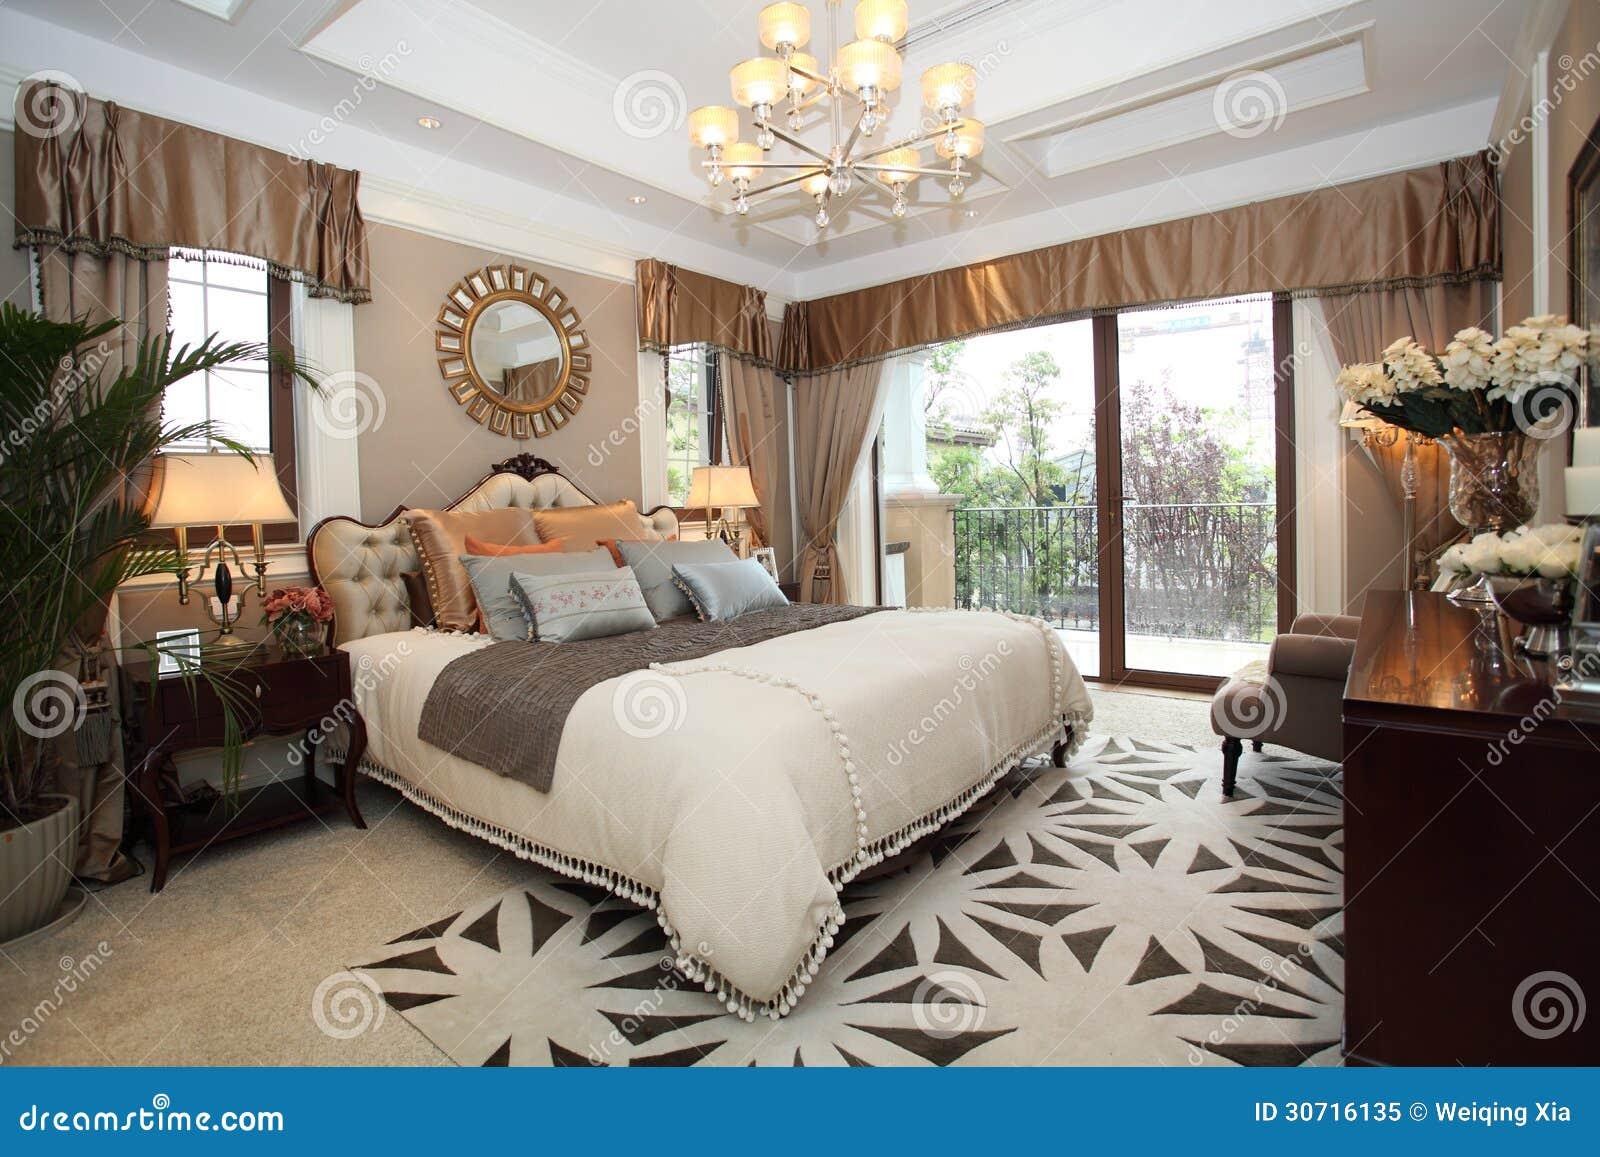 Camera da letto domestica di lusso with camere da letto lusso - Camere da letto lusso ...